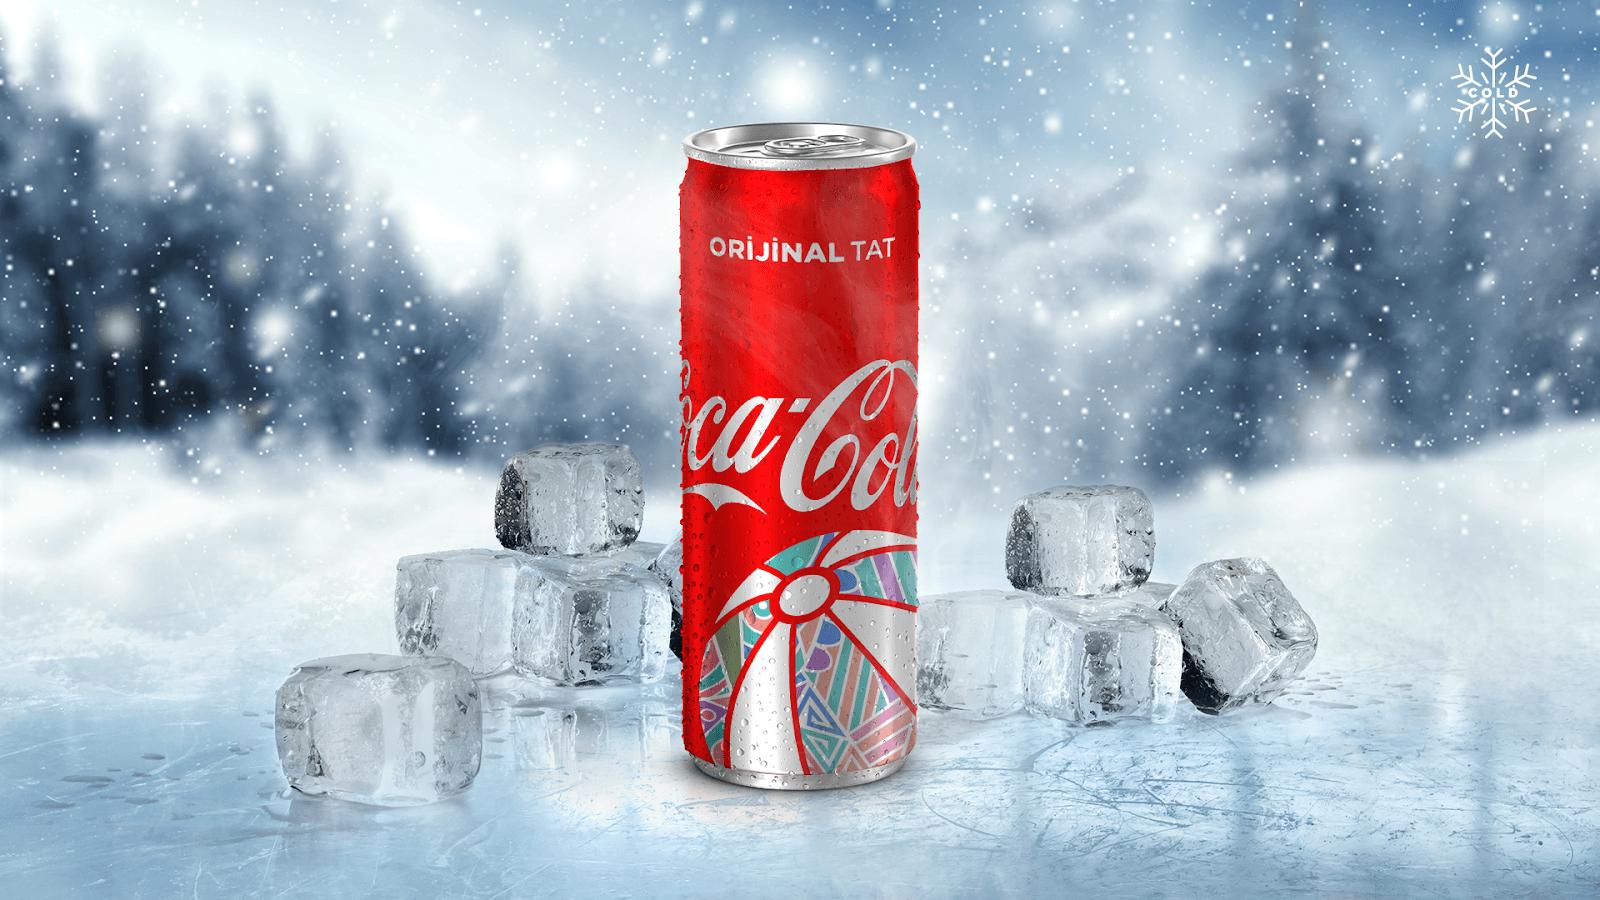 thermocans09 - Coca-Cola přináší vyletněné termo plechovky